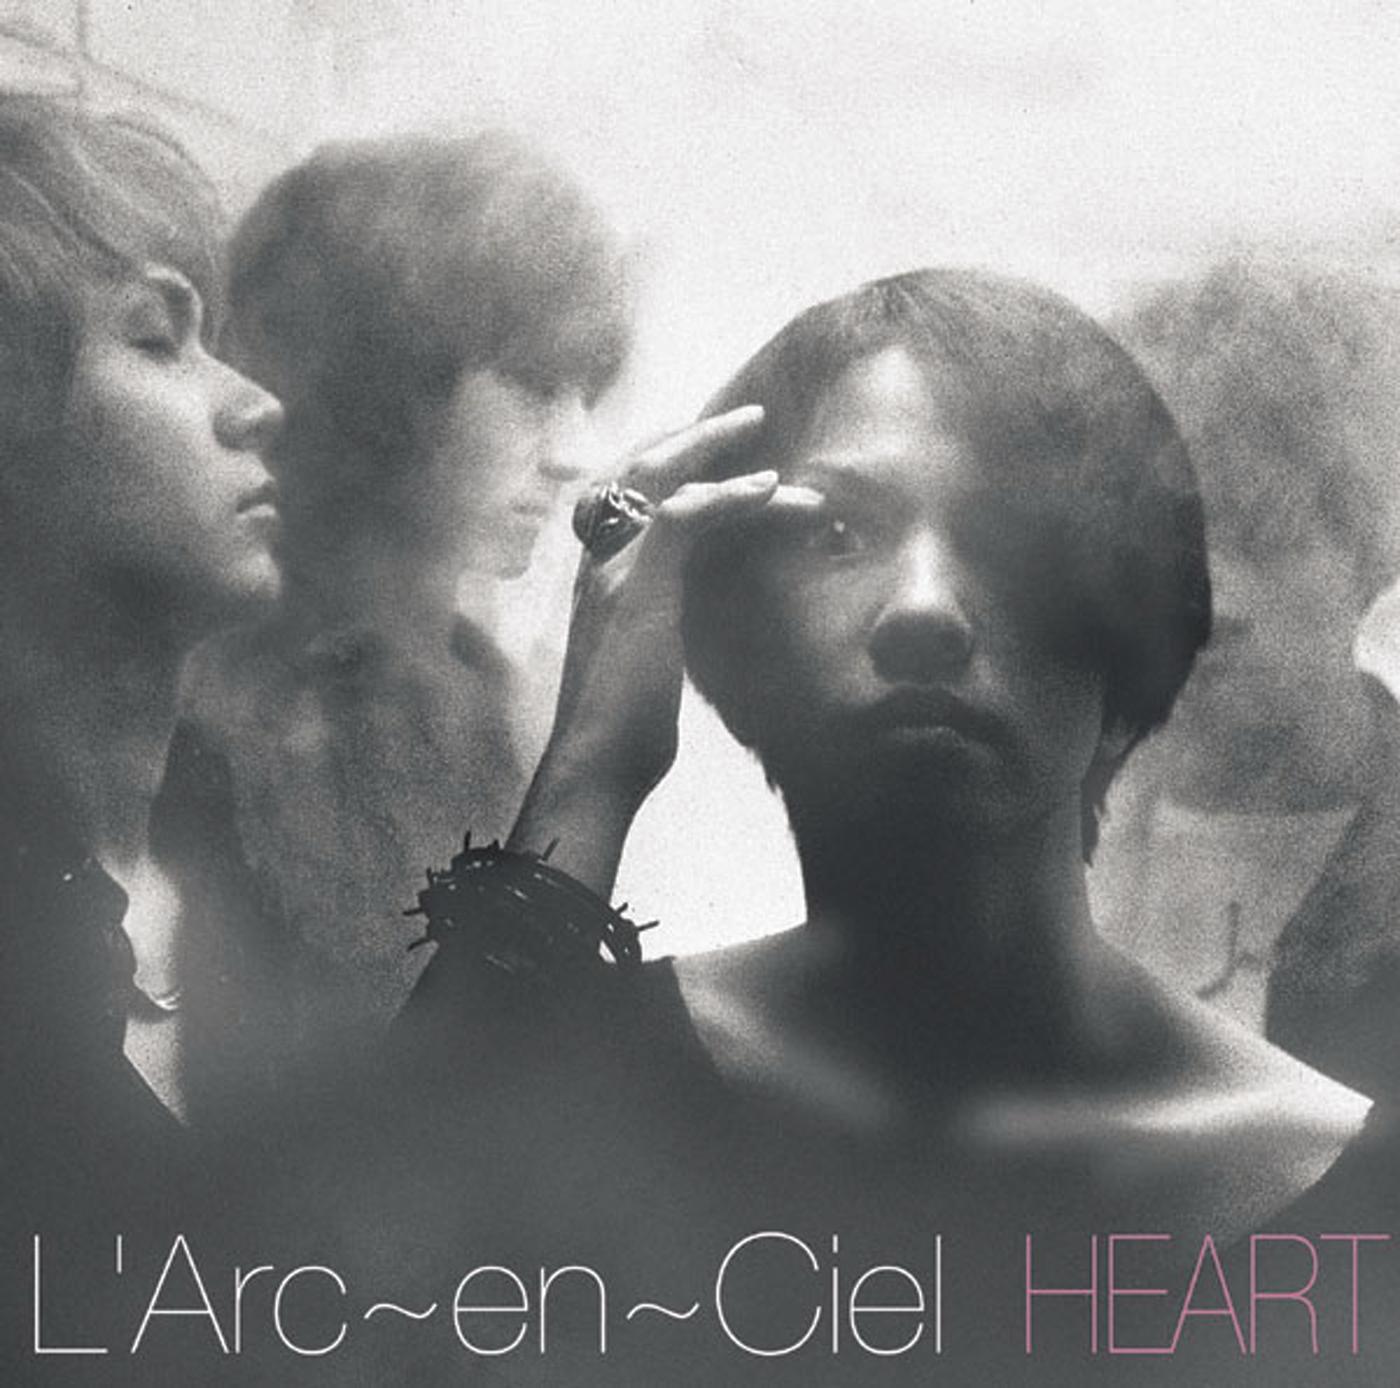 HEART - L'Arc-en-Ciel